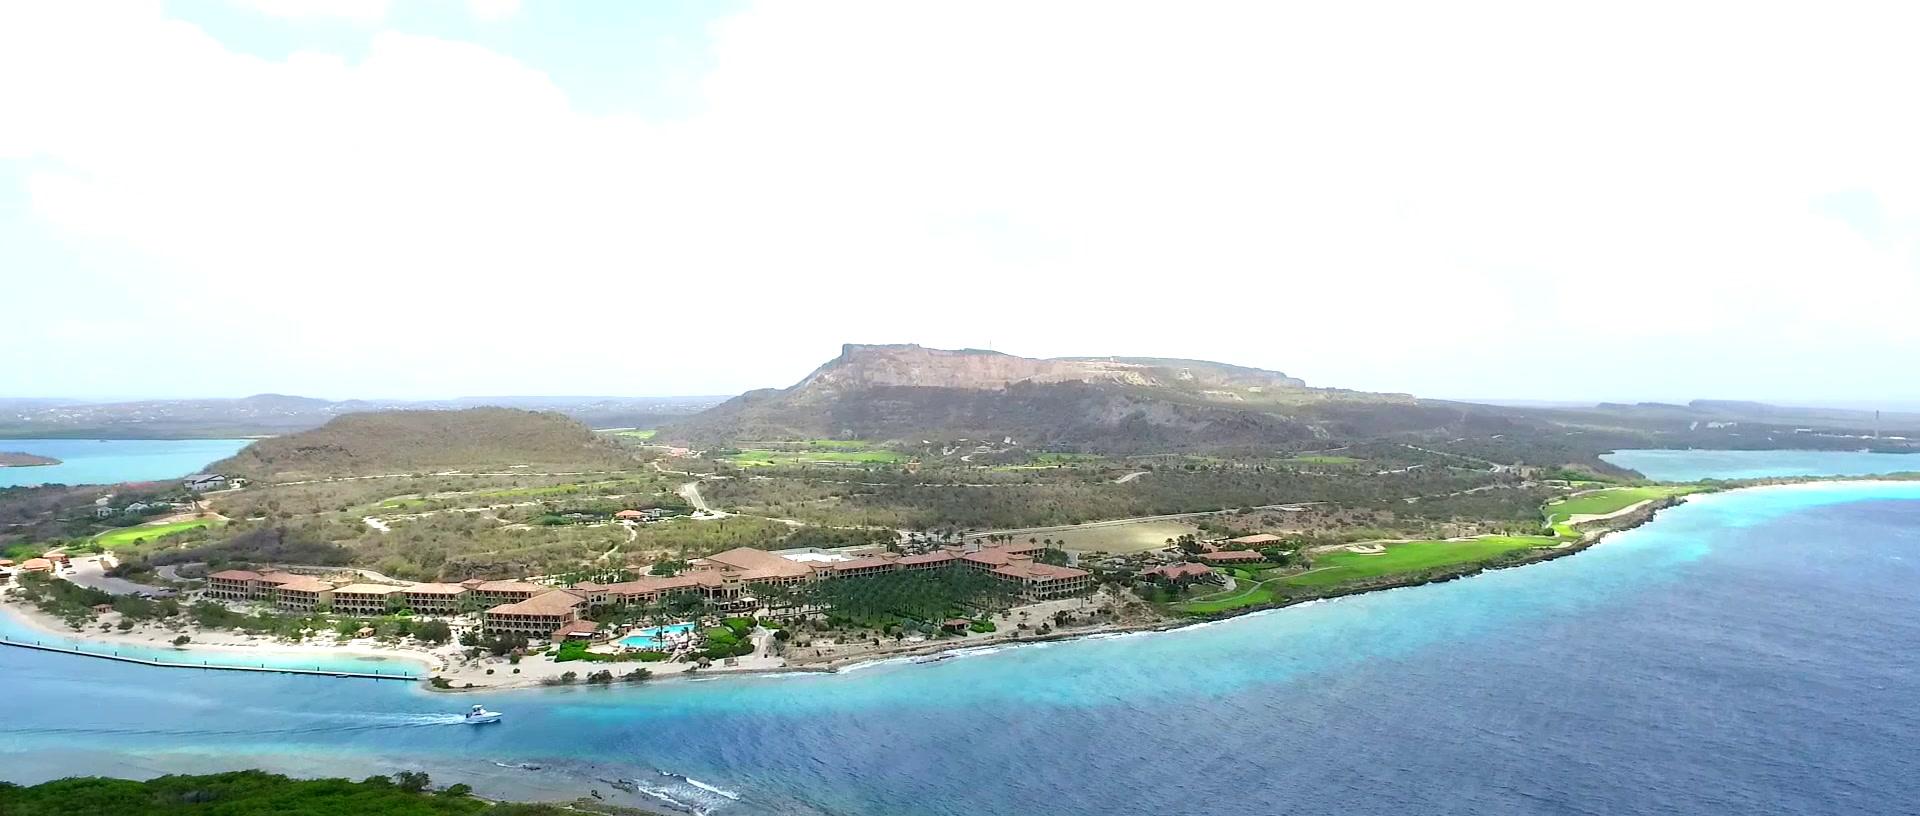 Natasha + Ankur | Curaçao, Curaçao | Curacao